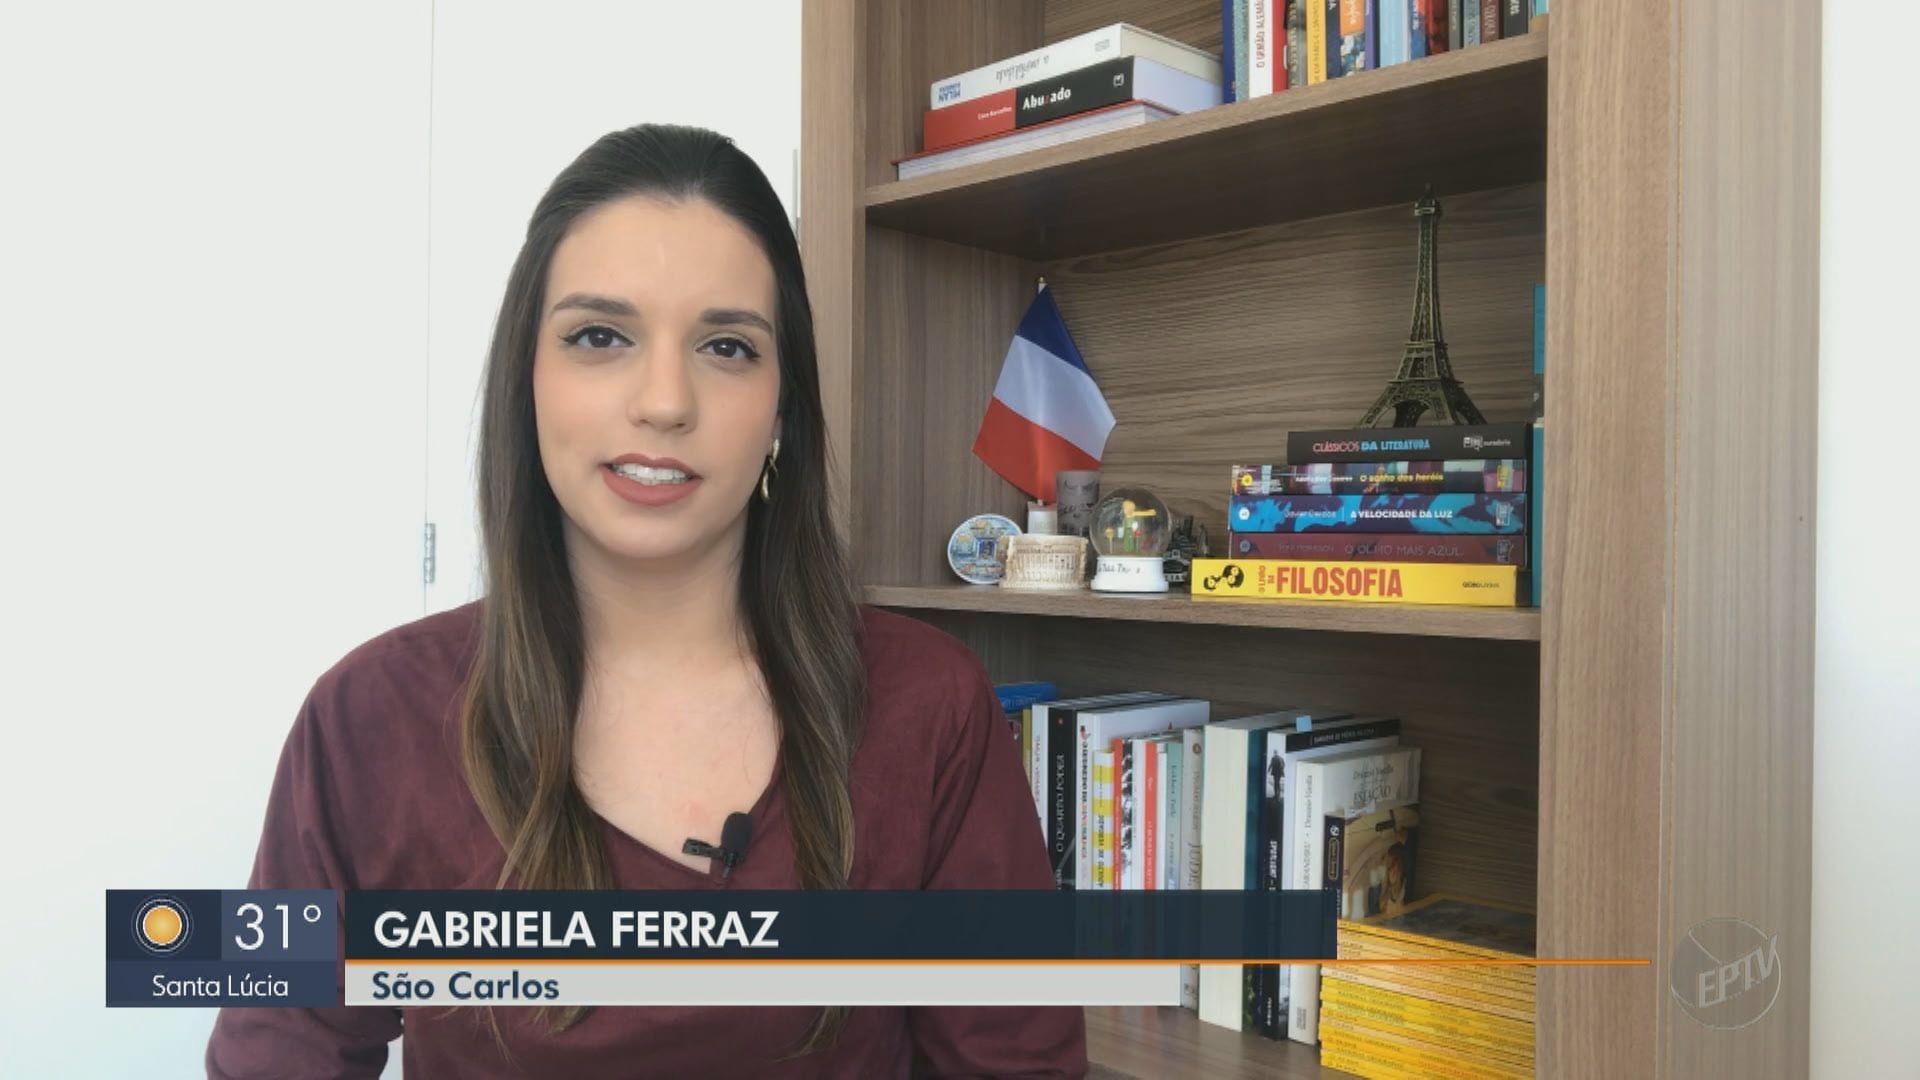 VÍDEOS: EPTV 1 São Carlos de quinta-feira, 11 de junho